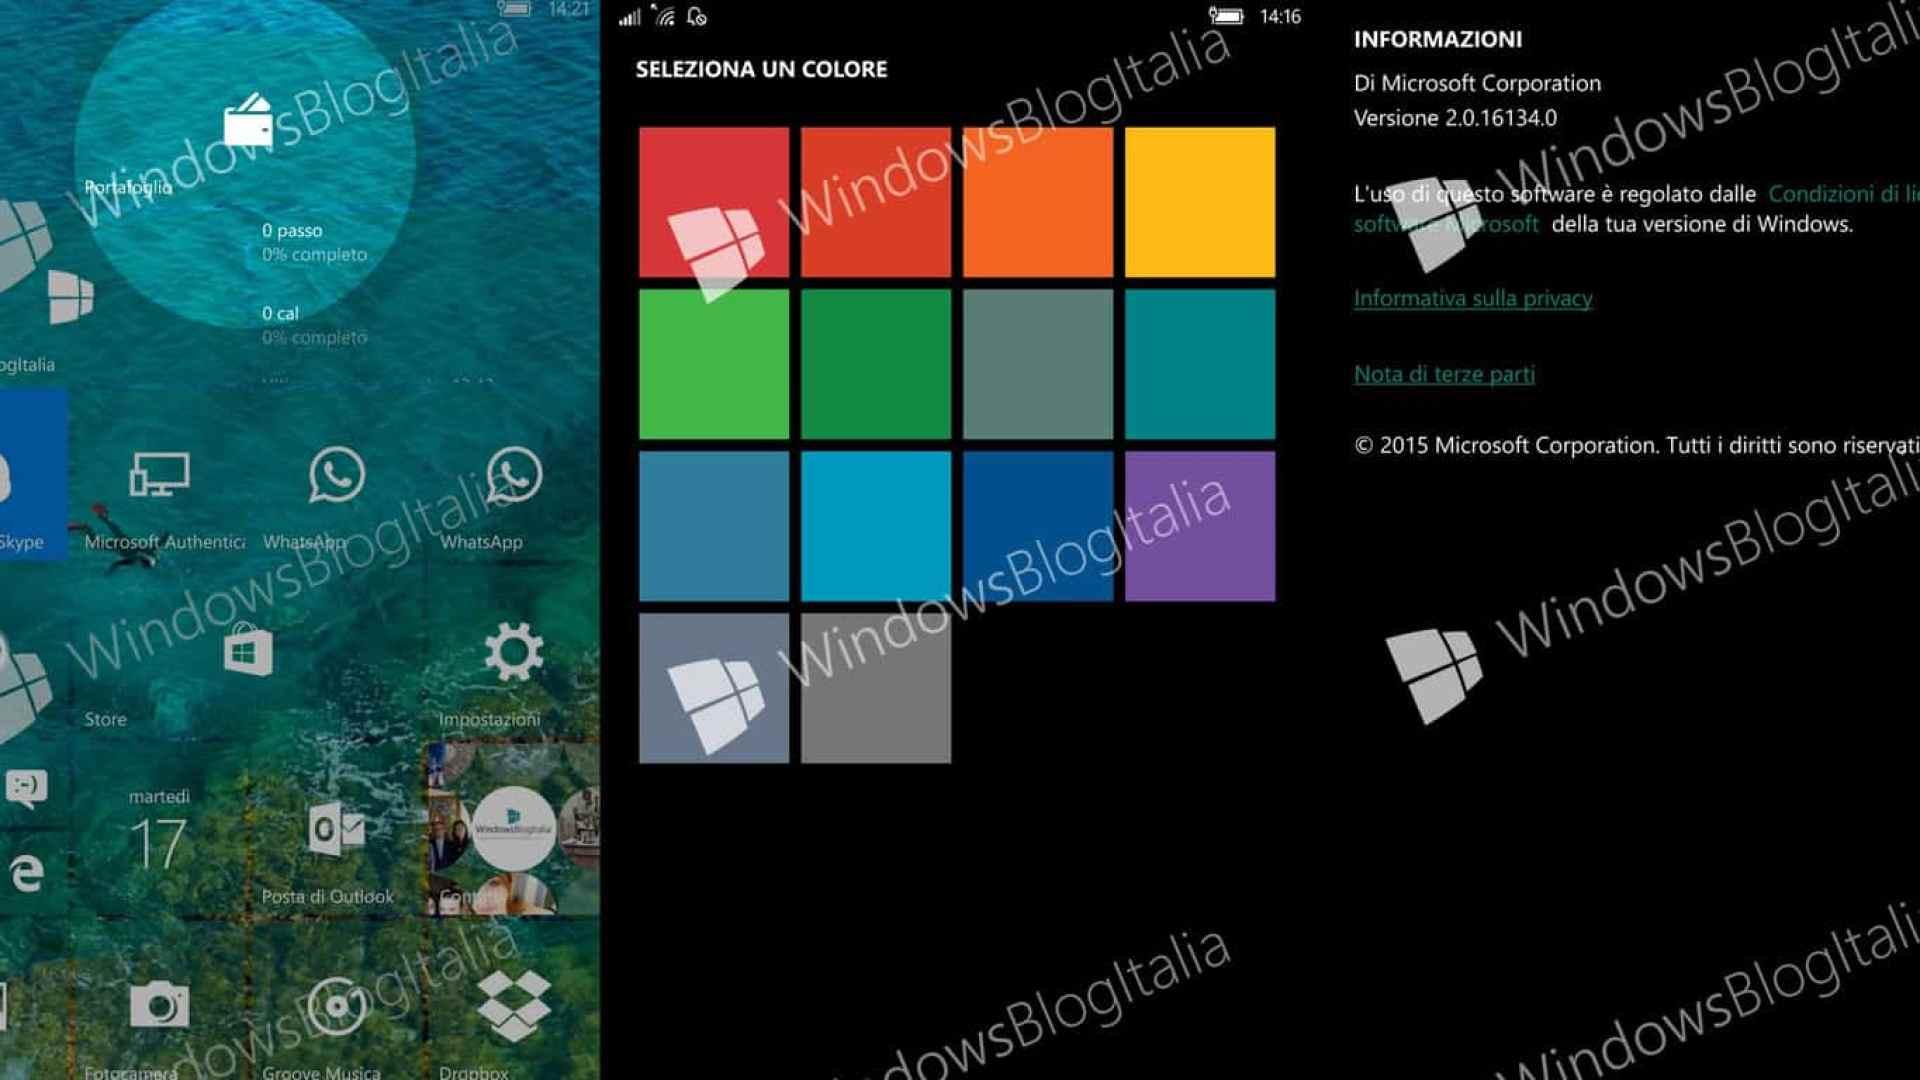 Image courtesy of WindowsBlogitalia